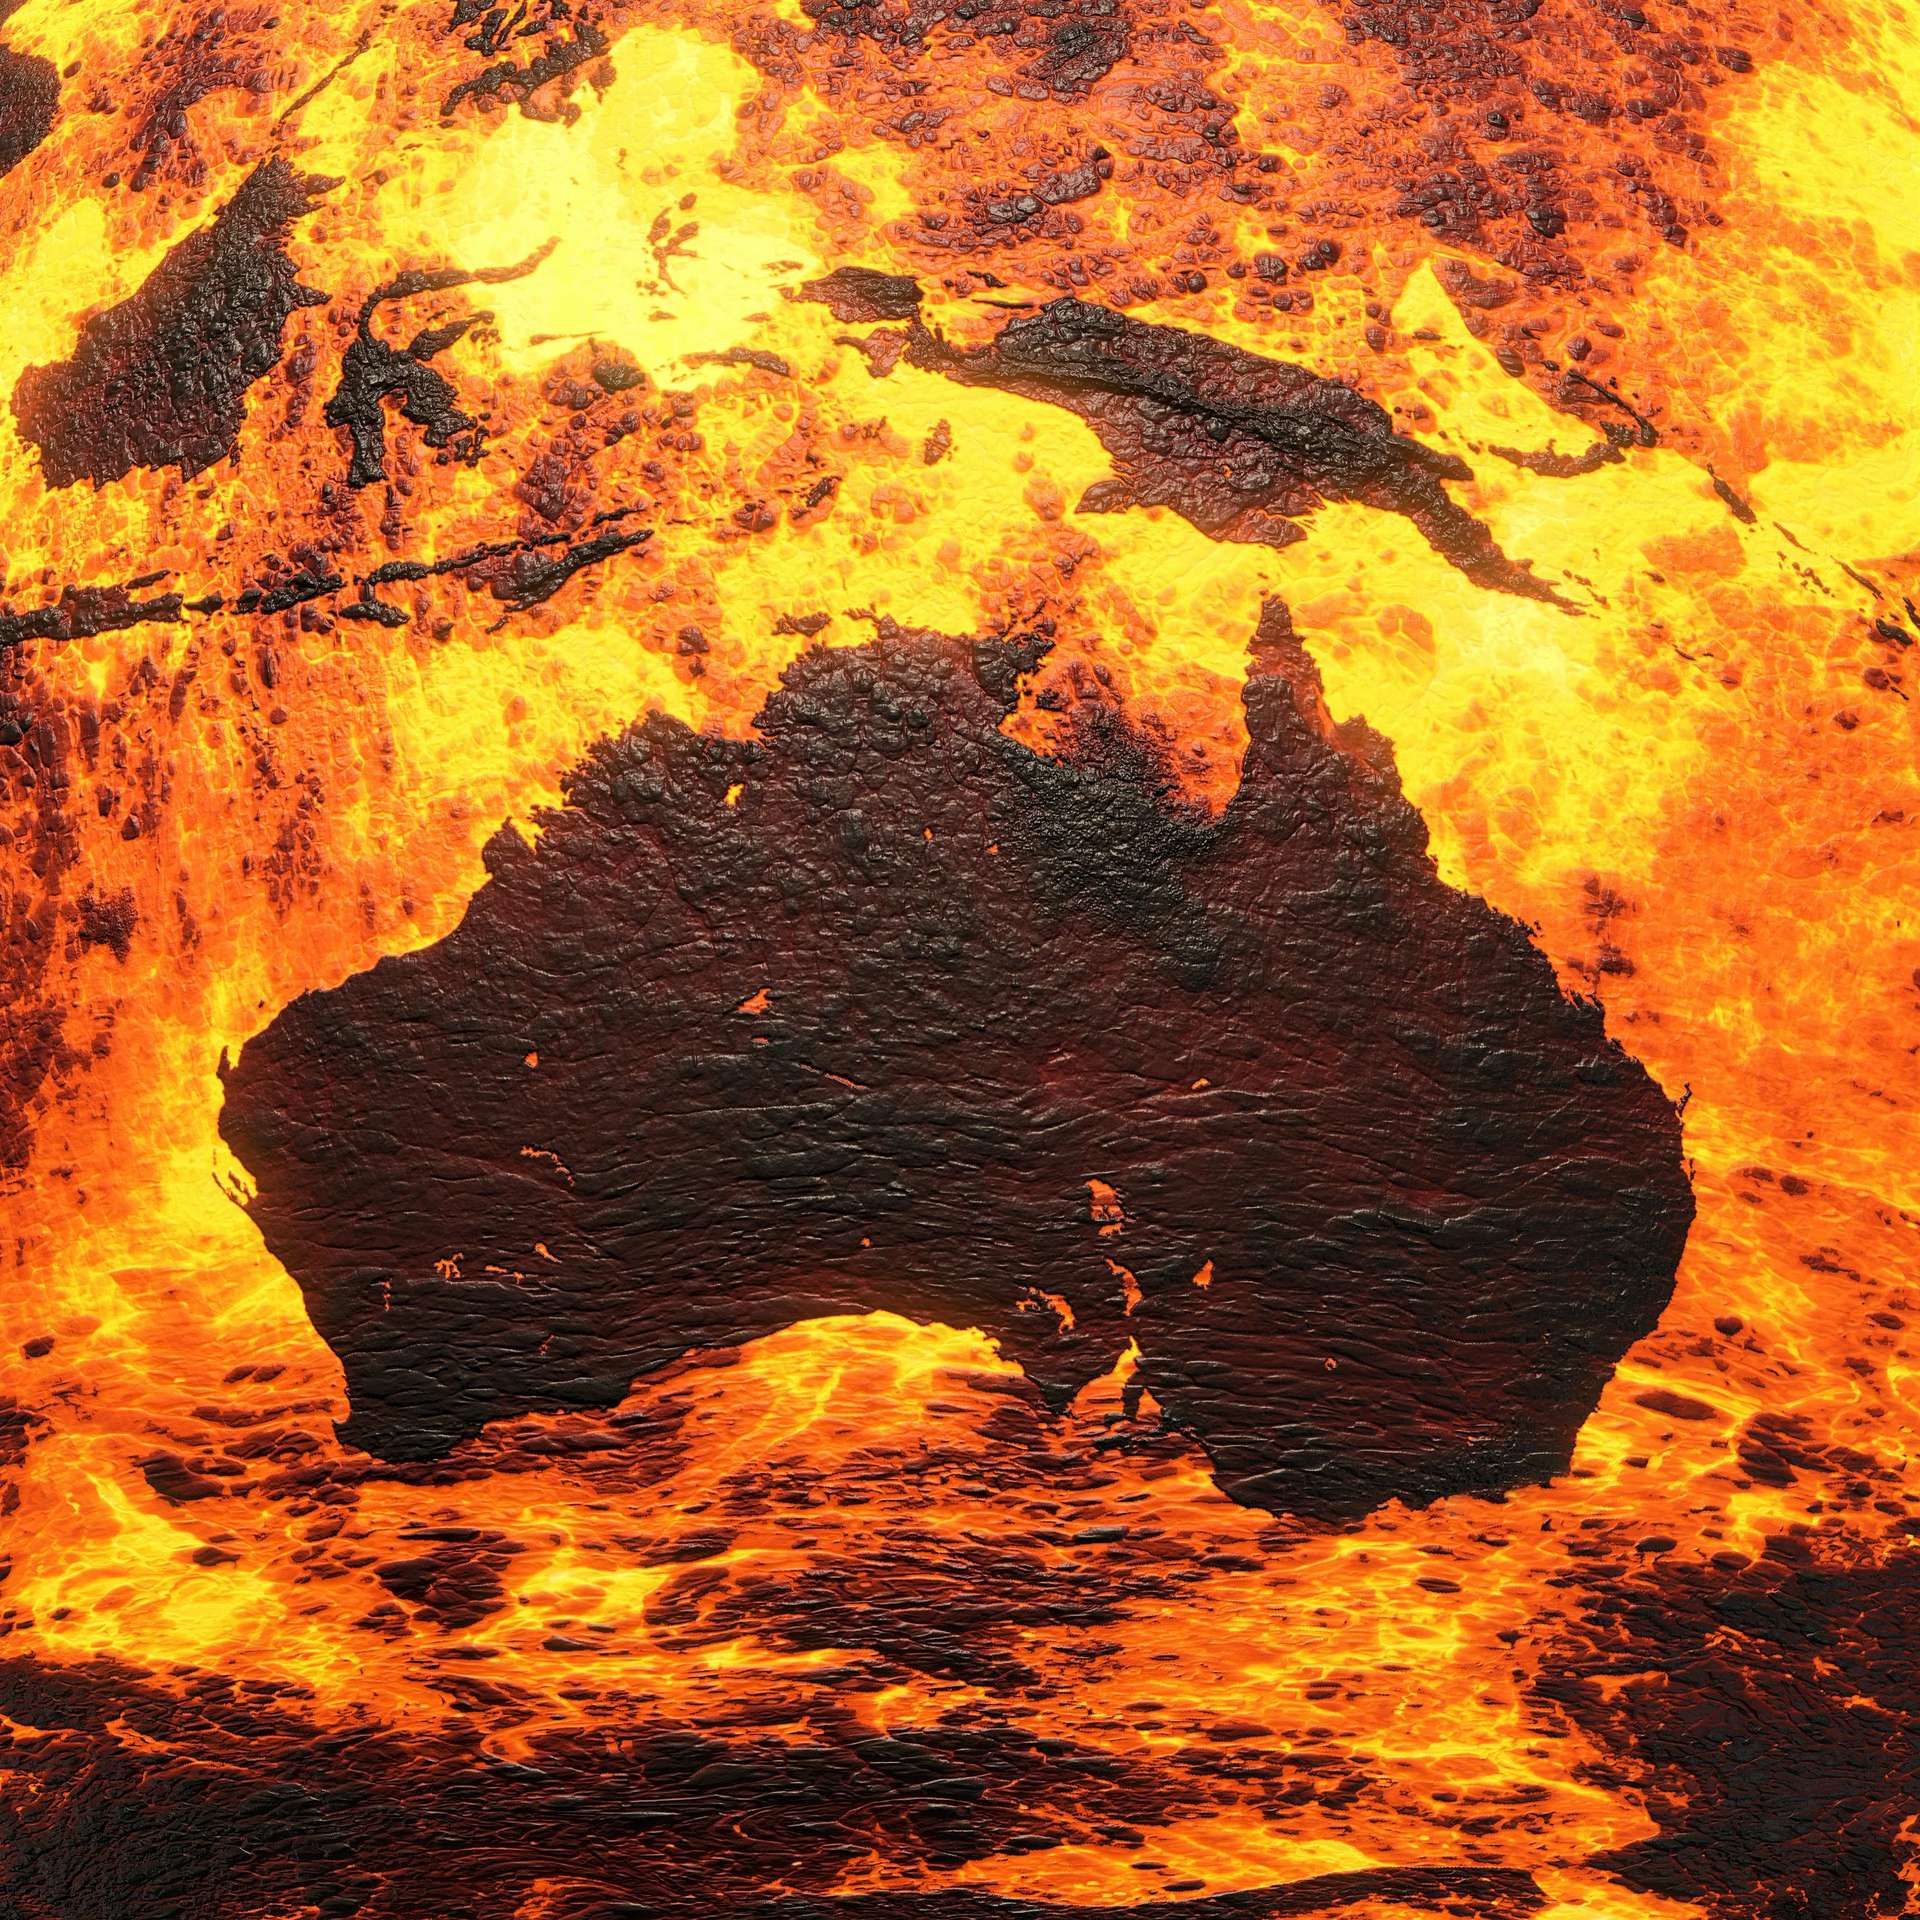 Australie Pourquoi Les Incendies Sont Ils Si Monstrueux